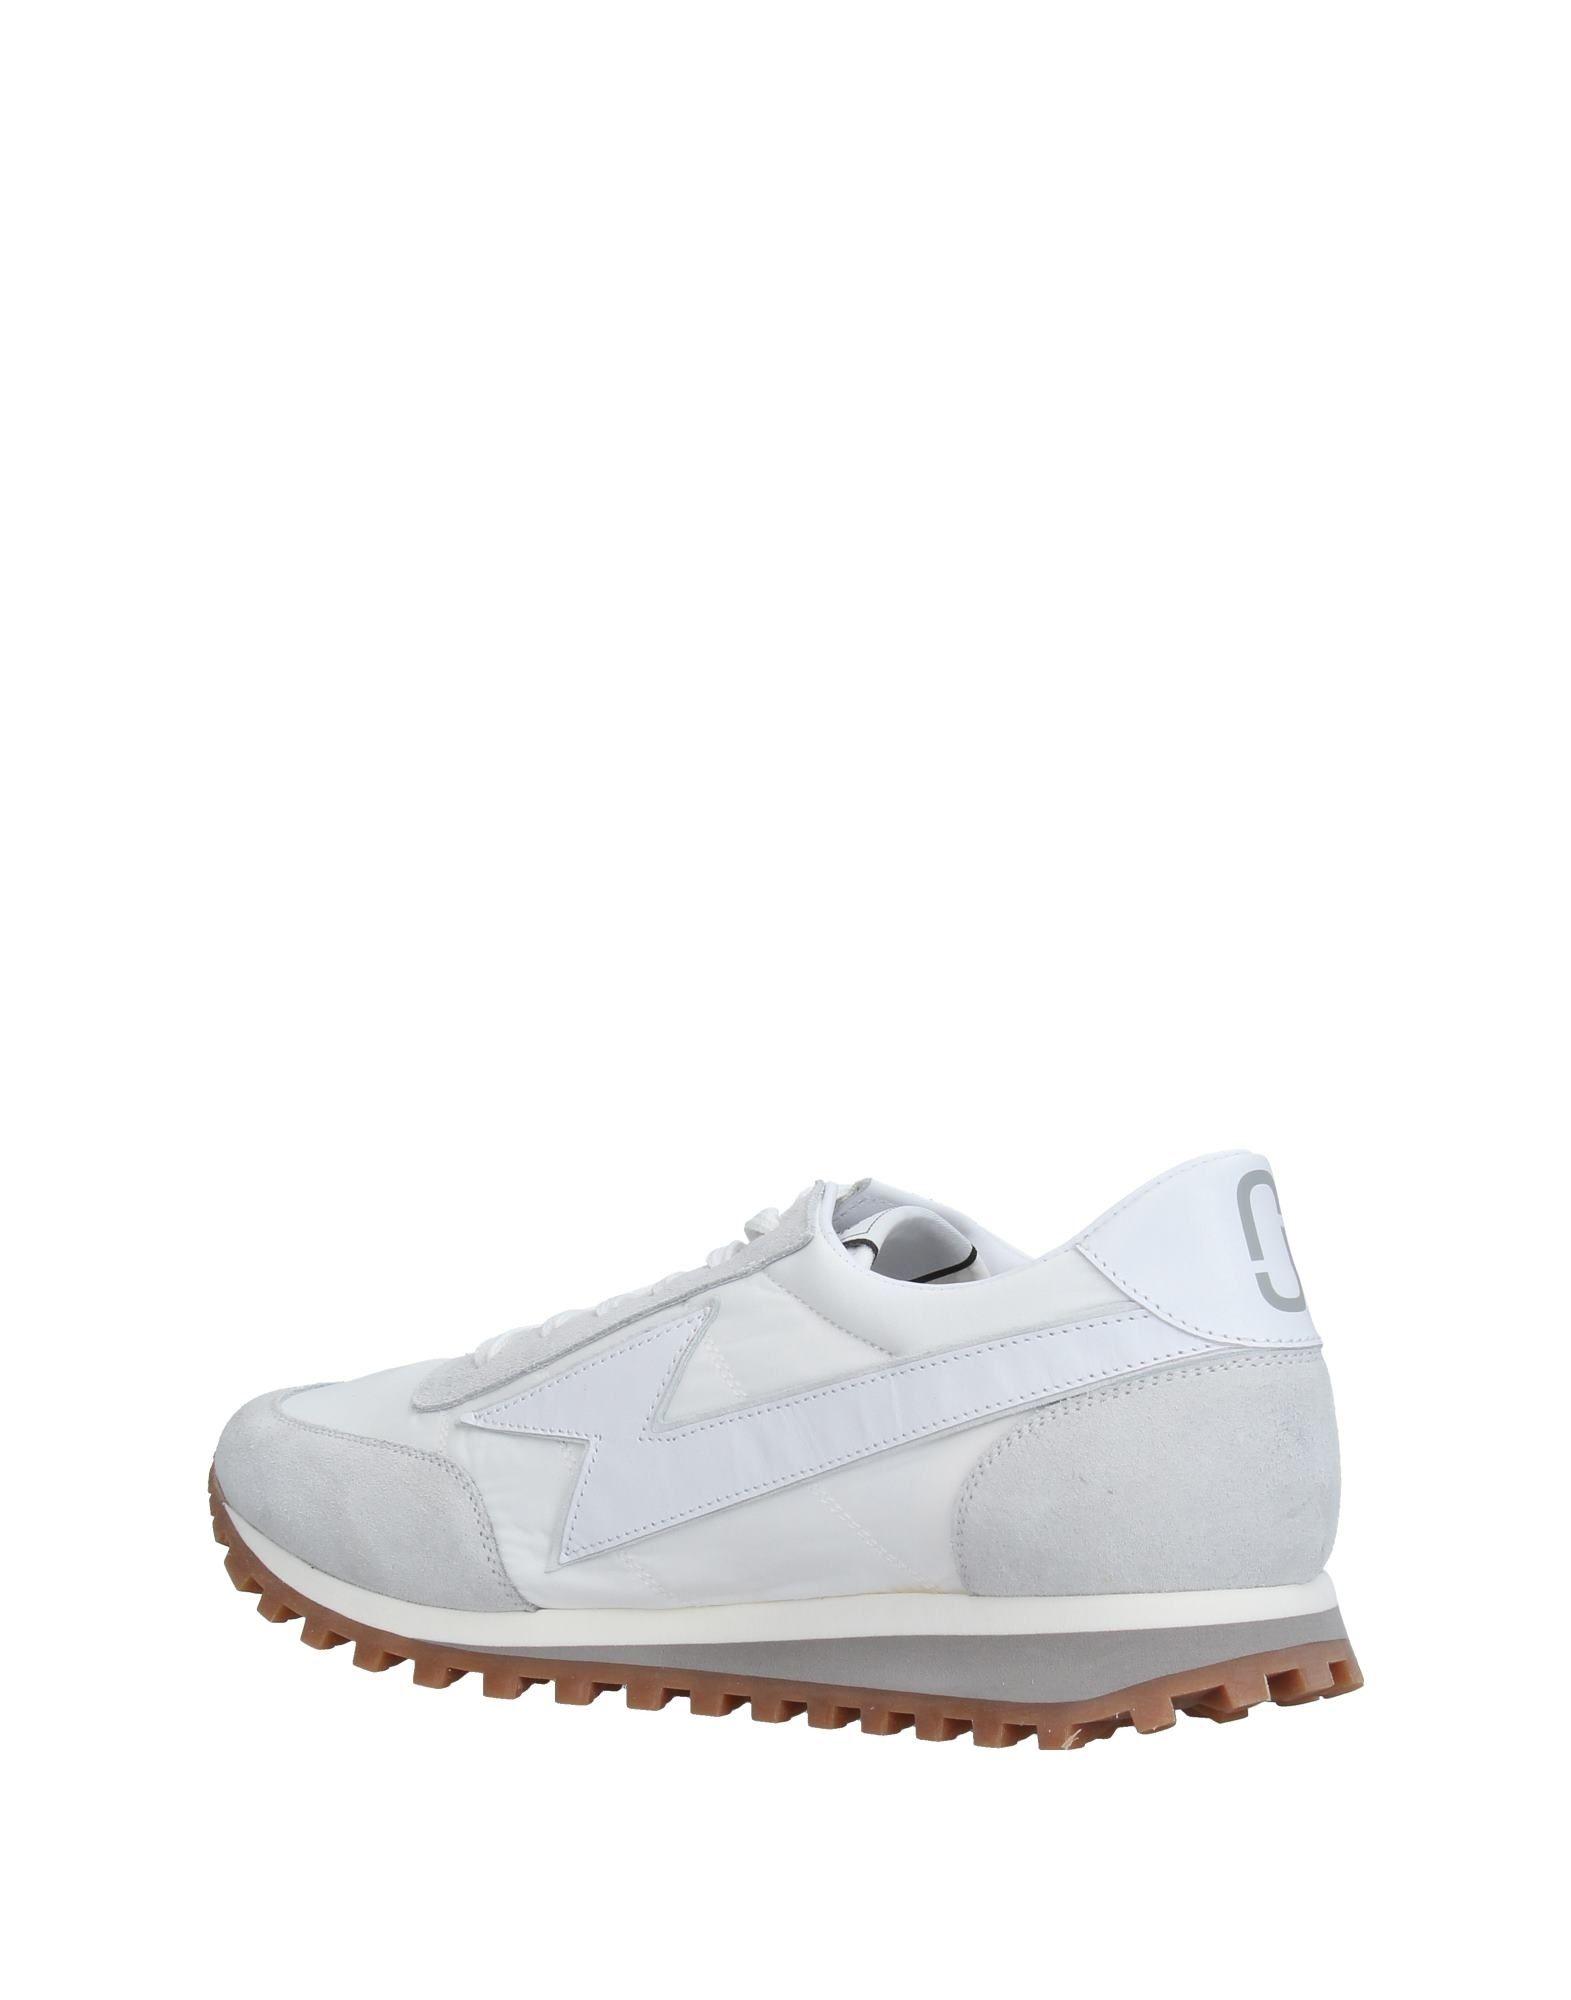 Marc Schuhe Jacobs Sneakers Herren  11233425CK Neue Schuhe Marc 6d4150